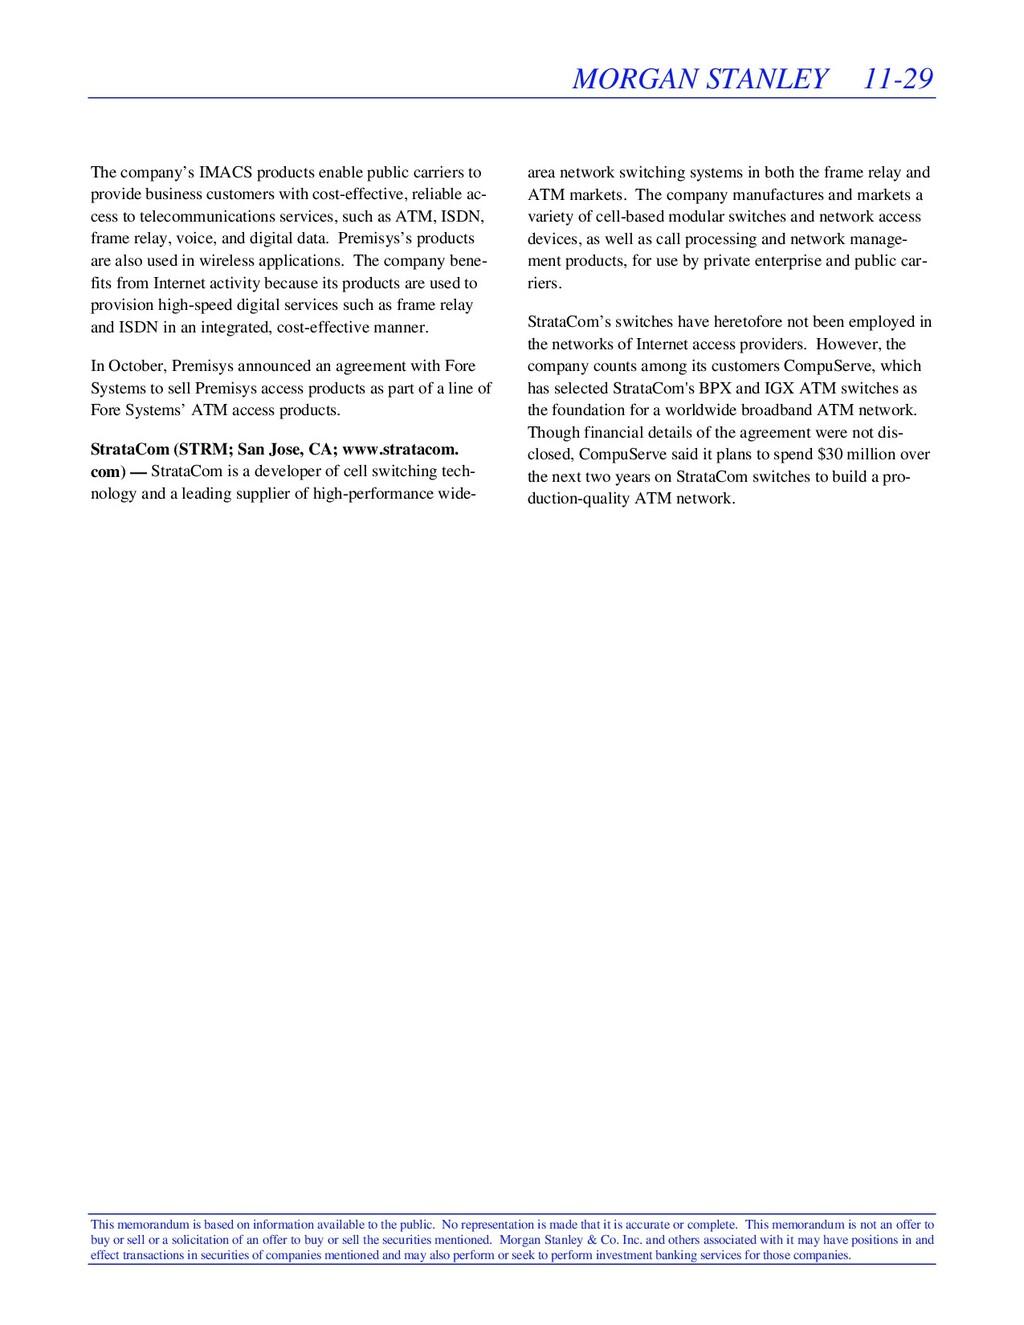 MORGAN STANLEY 11-29 This memorandum is based o...